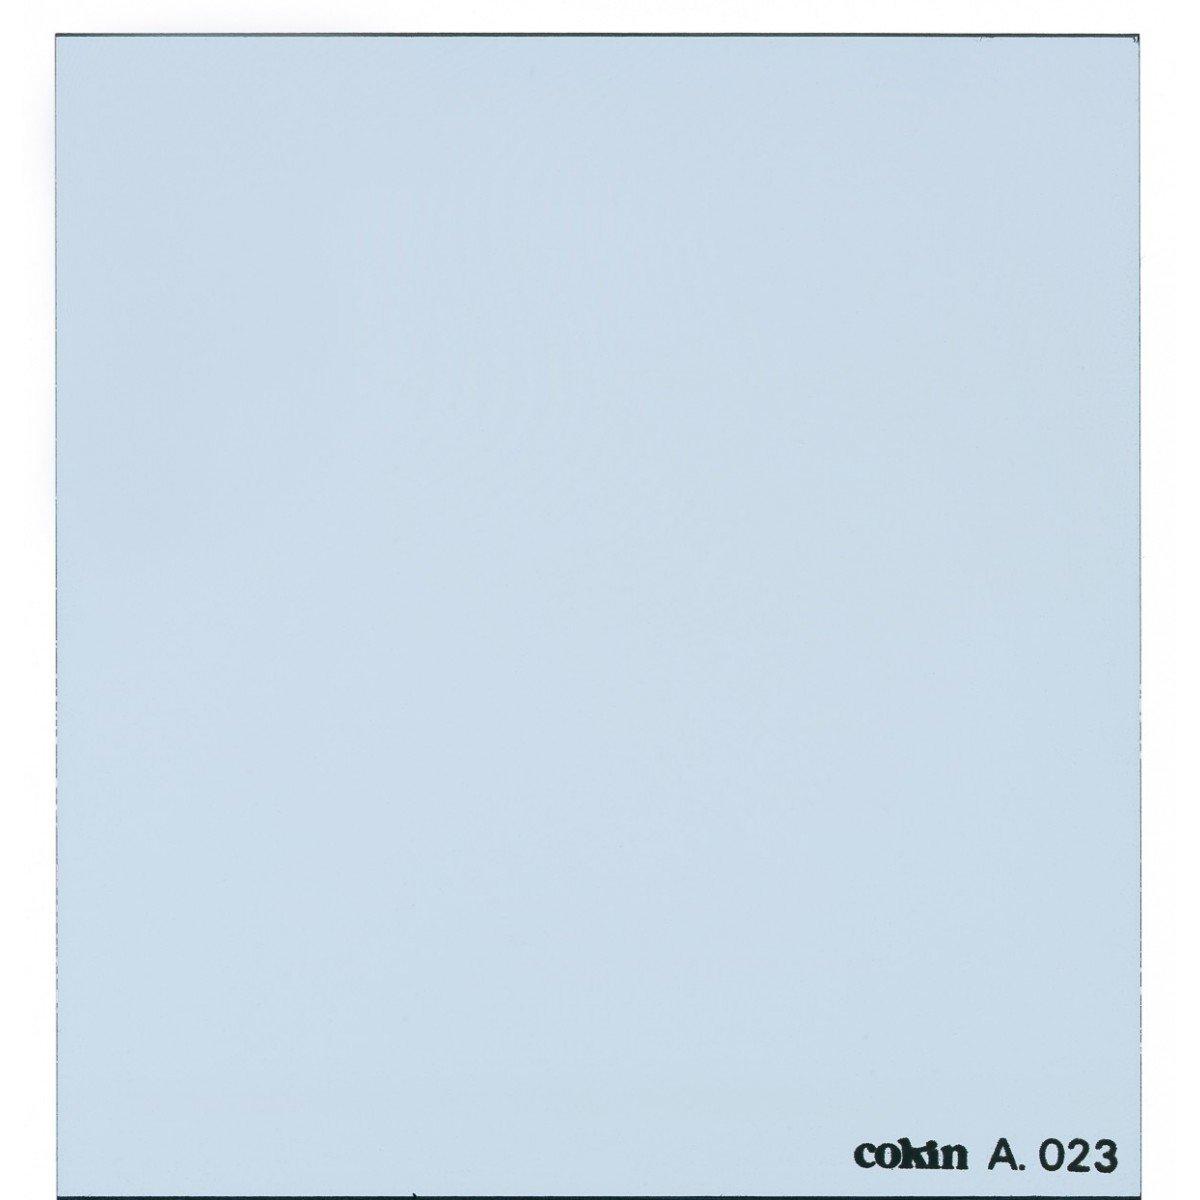 *兆華國際*COKIN 方型鏡片新品 A023 A026 A029 冷色調 暖色調 色溫鏡片 調色溫鏡片